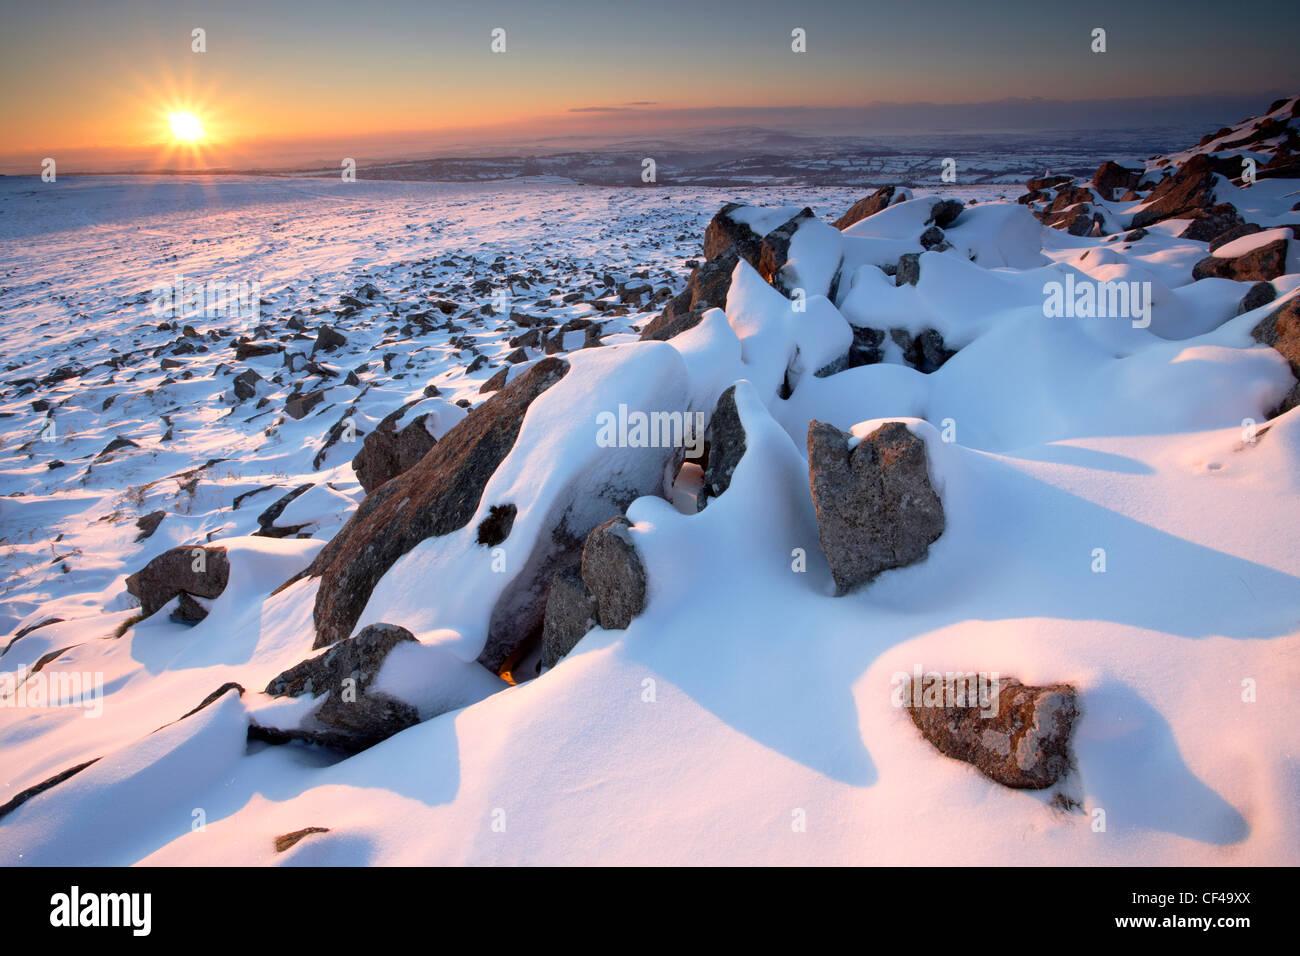 Tramonto in inverno dal picco di Sharpitor con vedute di Devon occidentale. Immagini Stock